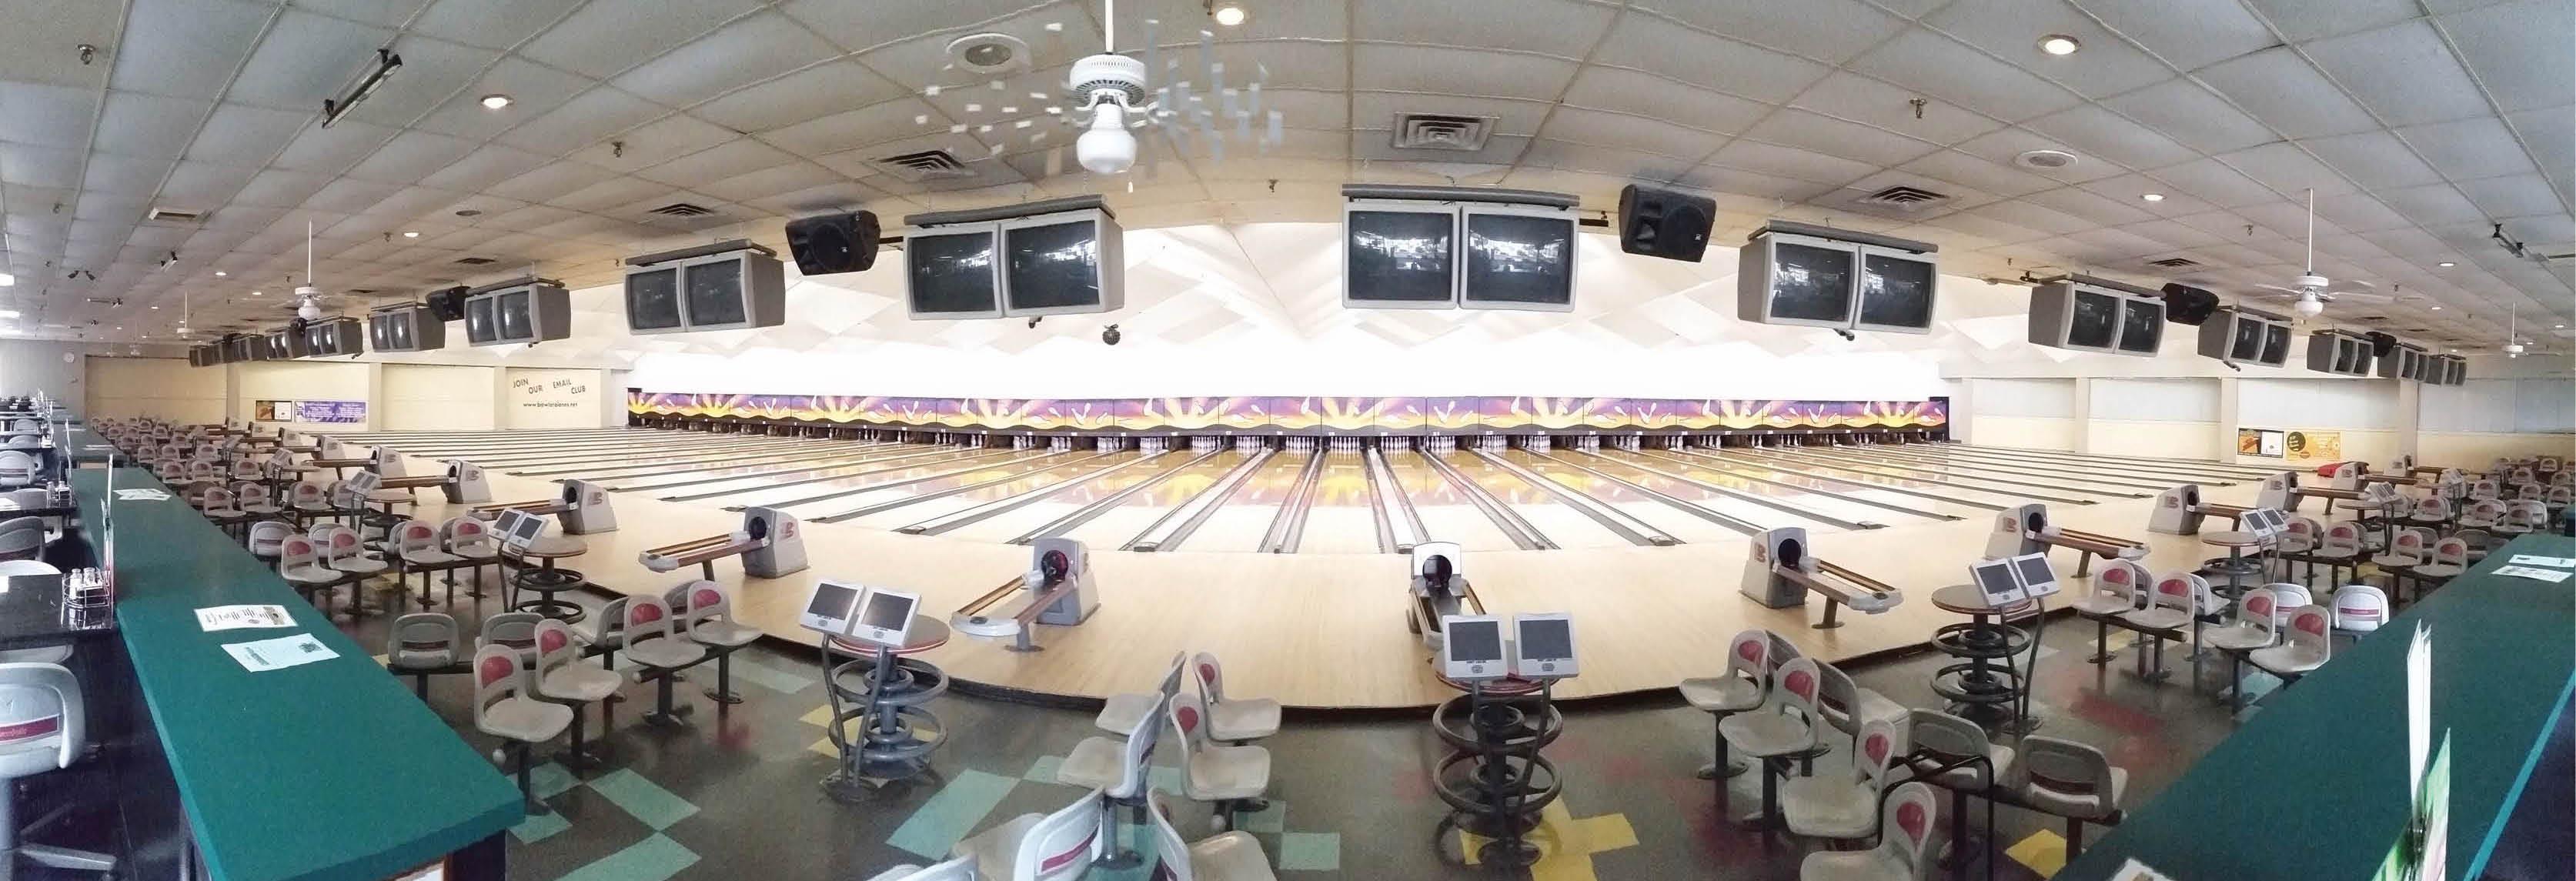 Bowlero Lanes main banner image - Lakewood, WA